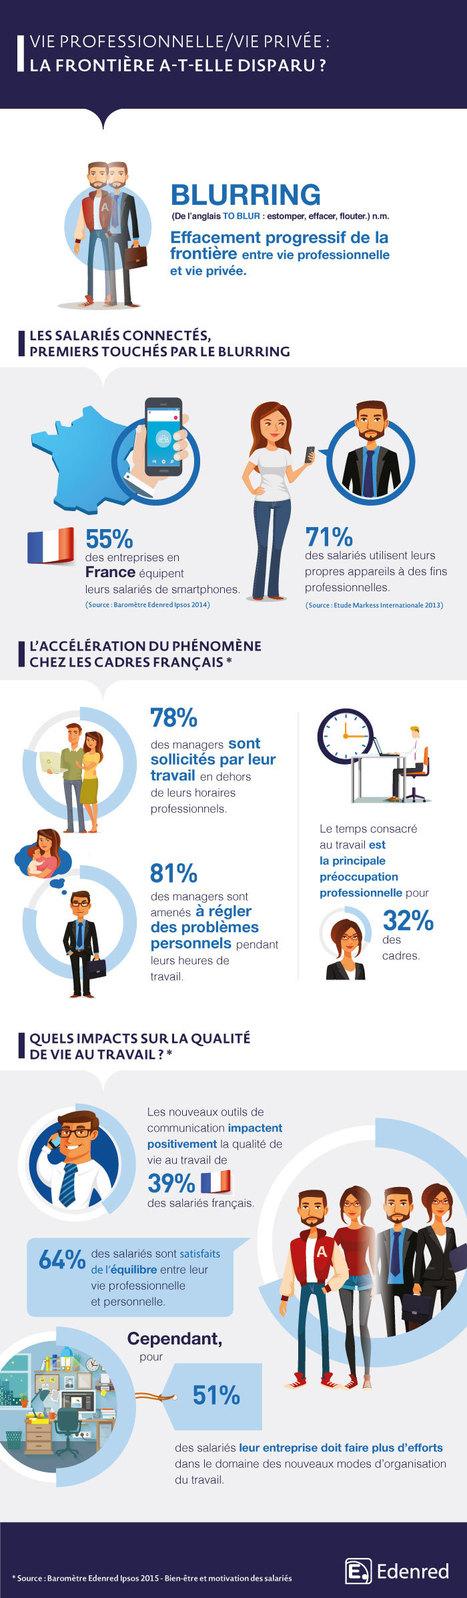 Le blurring : une réalité pour les cadres français | Recrutement et RH 2.0 l'Information | Scoop.it